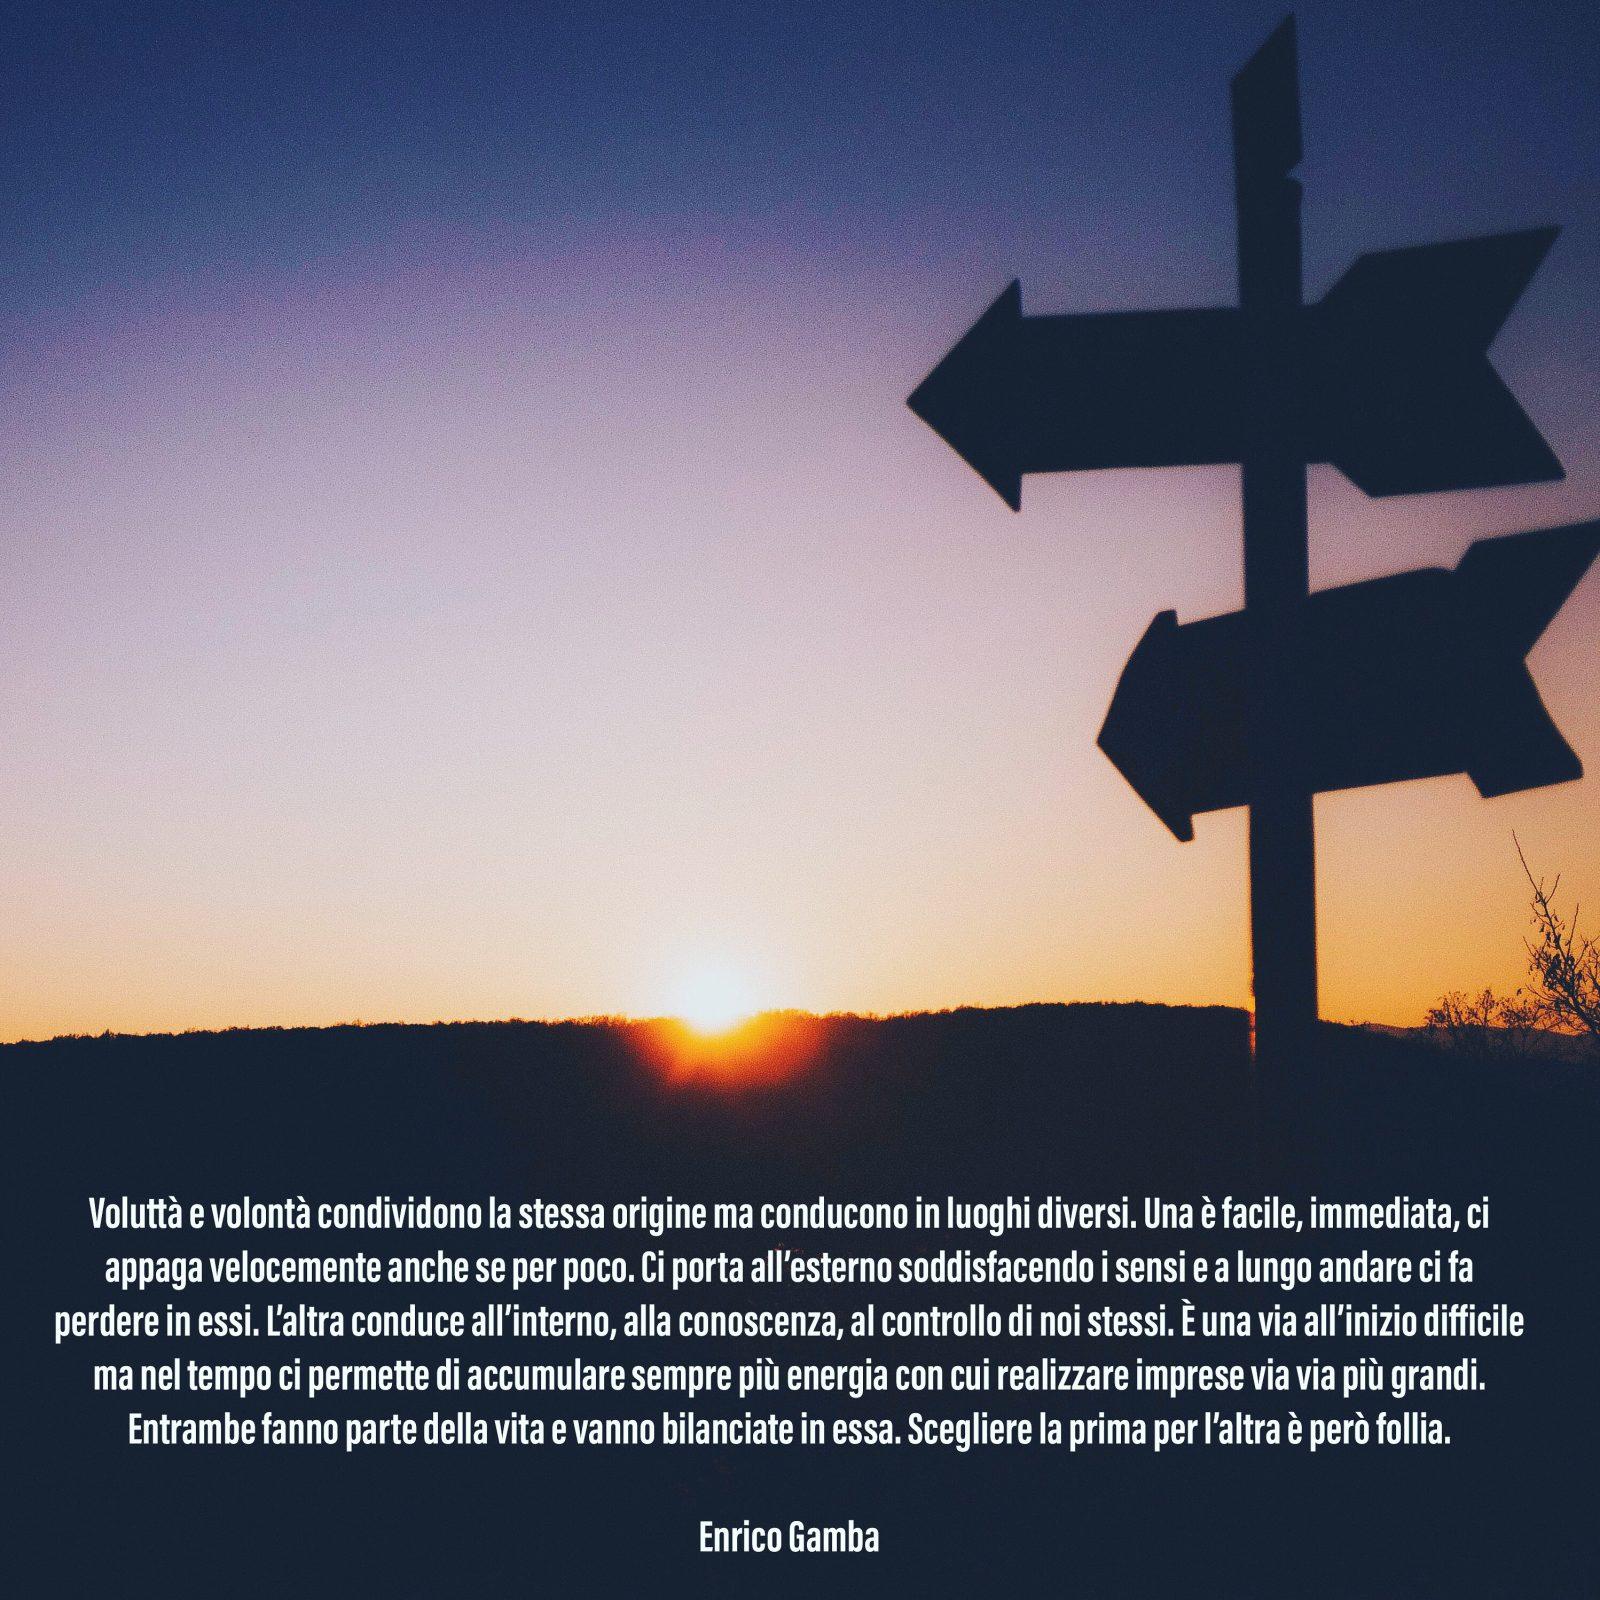 Voluttà e volontà – Psicologo Milano – dr. Enrico Gamba